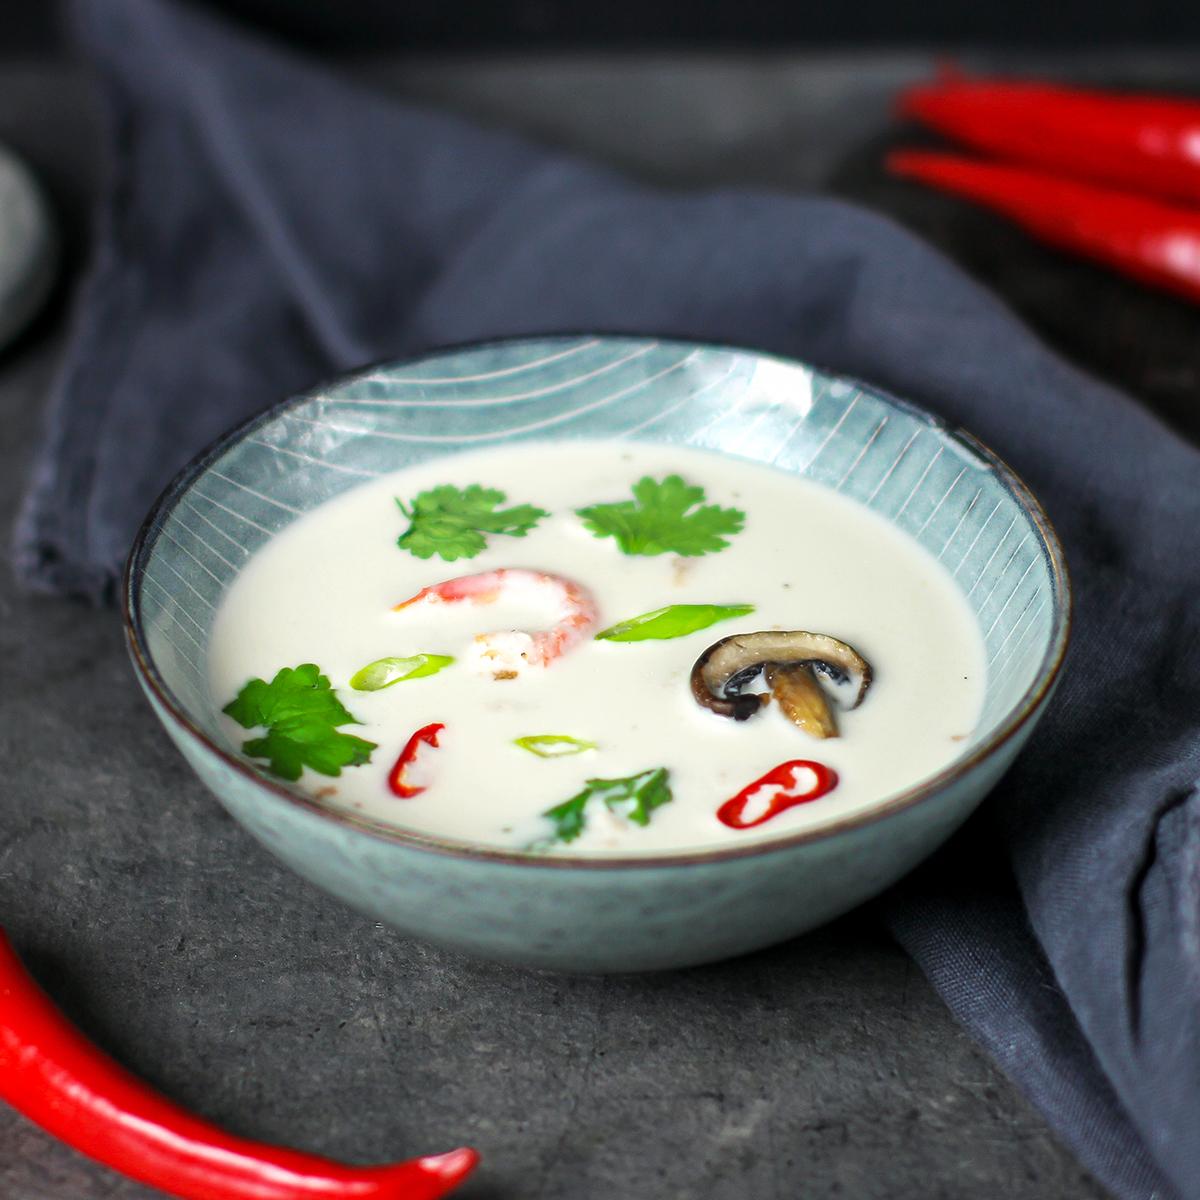 kremet fiskesuppe med smak av thailand